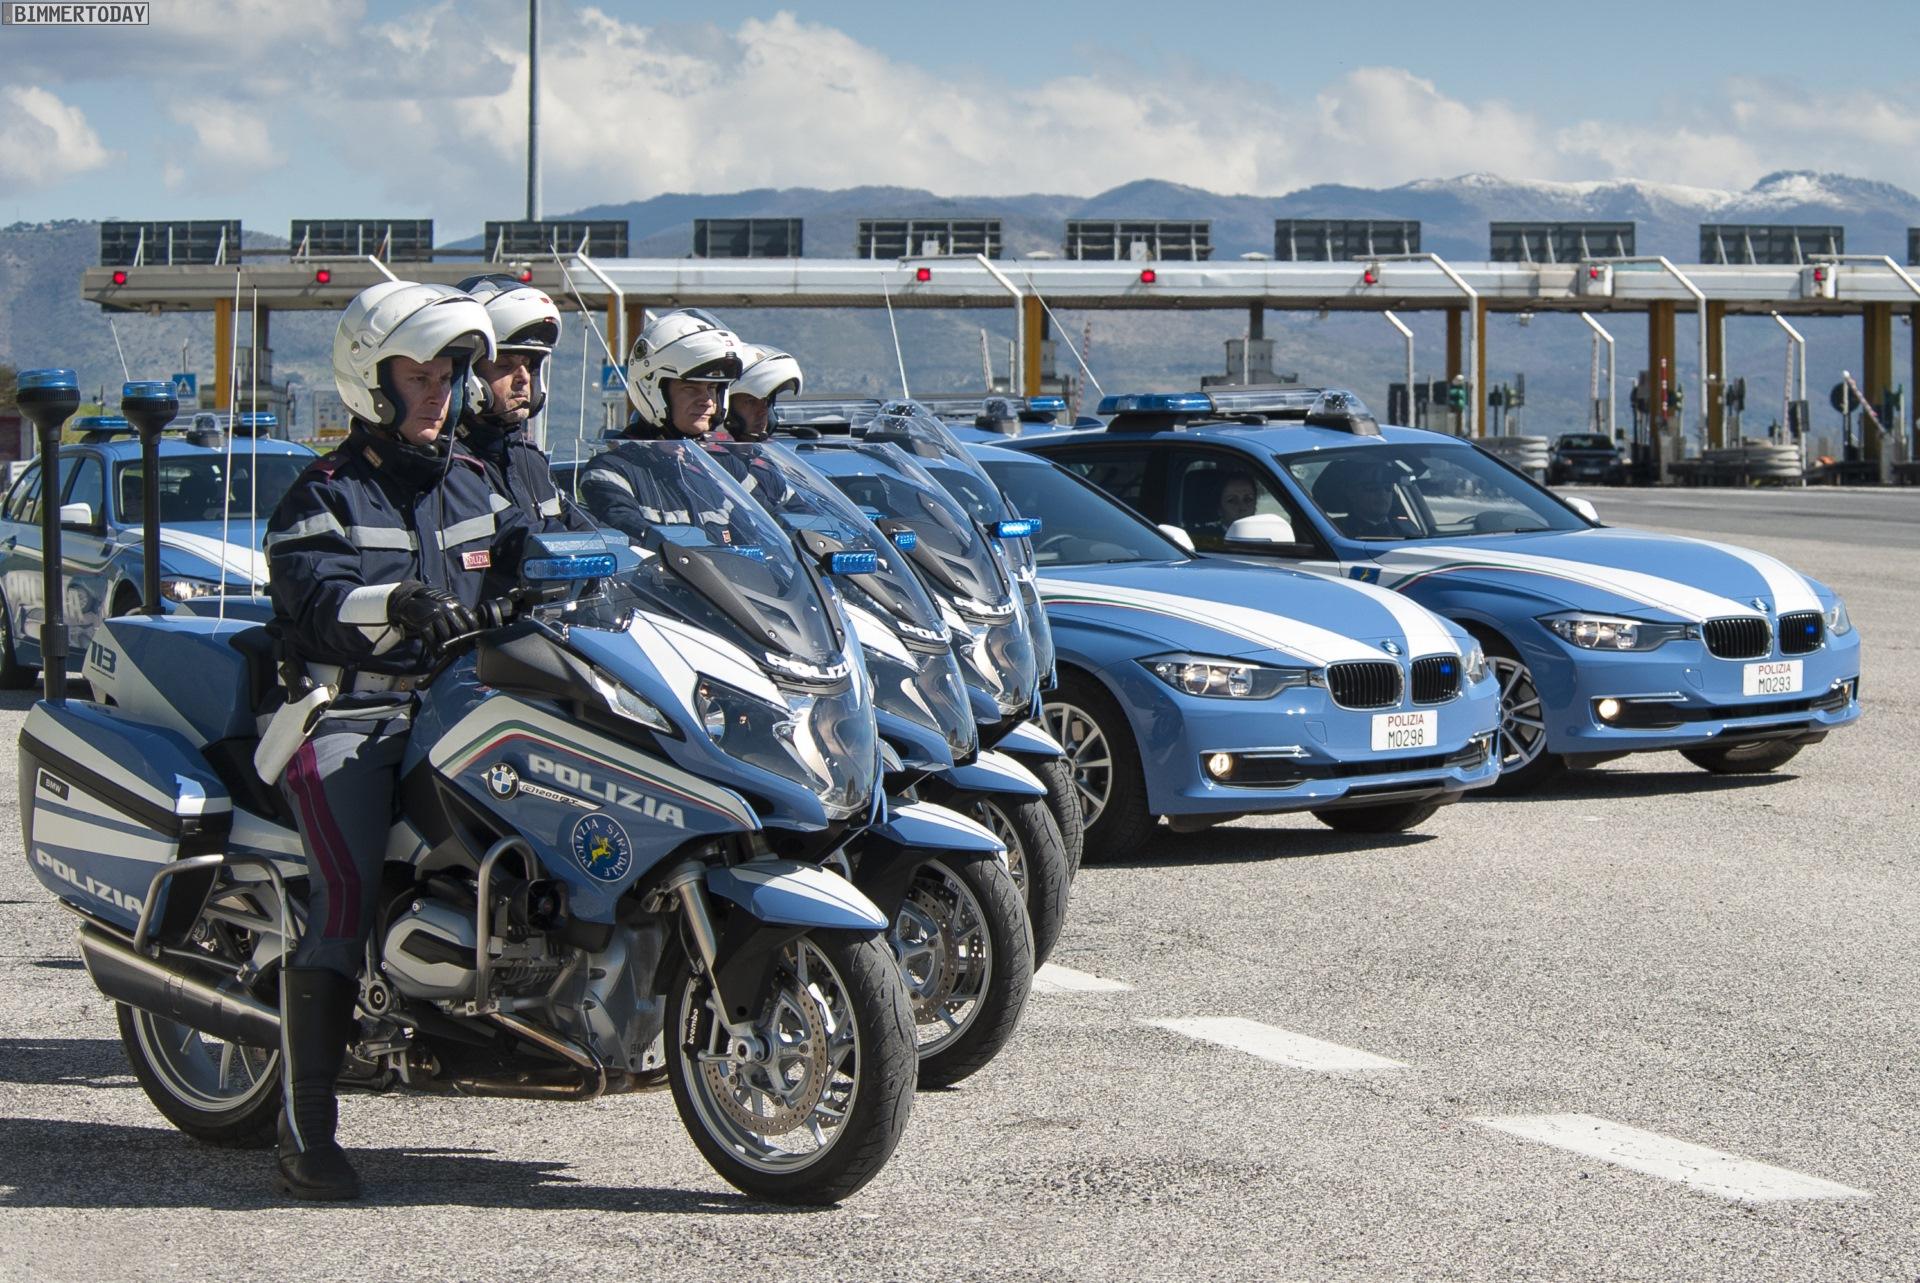 Polizia Stradale Polizei In Italien Setzt Auf Bmw 3er Touring